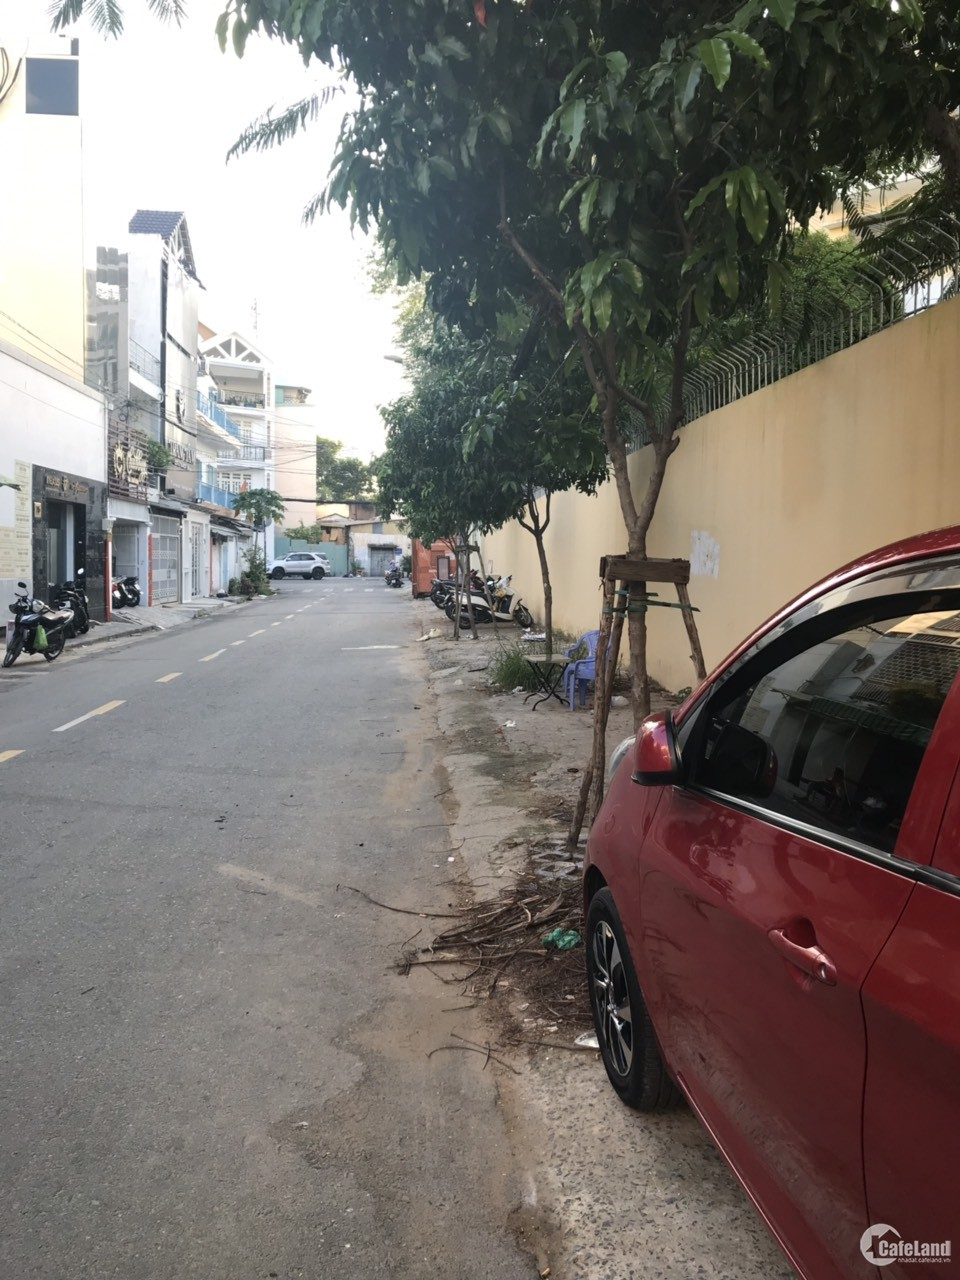 Chính chủ định cư ở Mỹ muốn bán nhà TT Q1.Mt Trần Khánh Dư, p. Tân Định, Q.1.